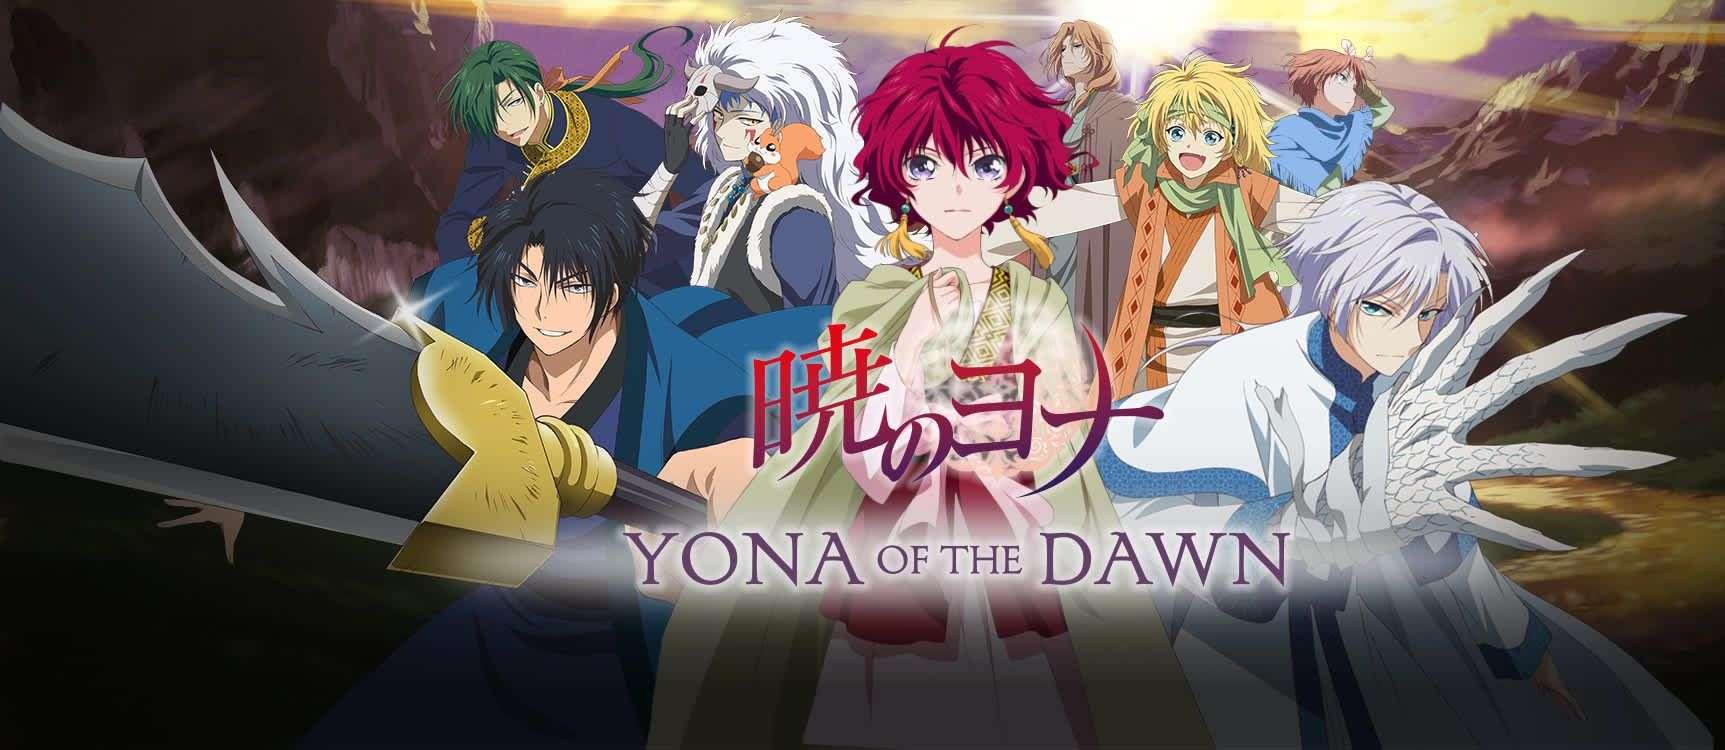 Yona of the Dawn - 2014